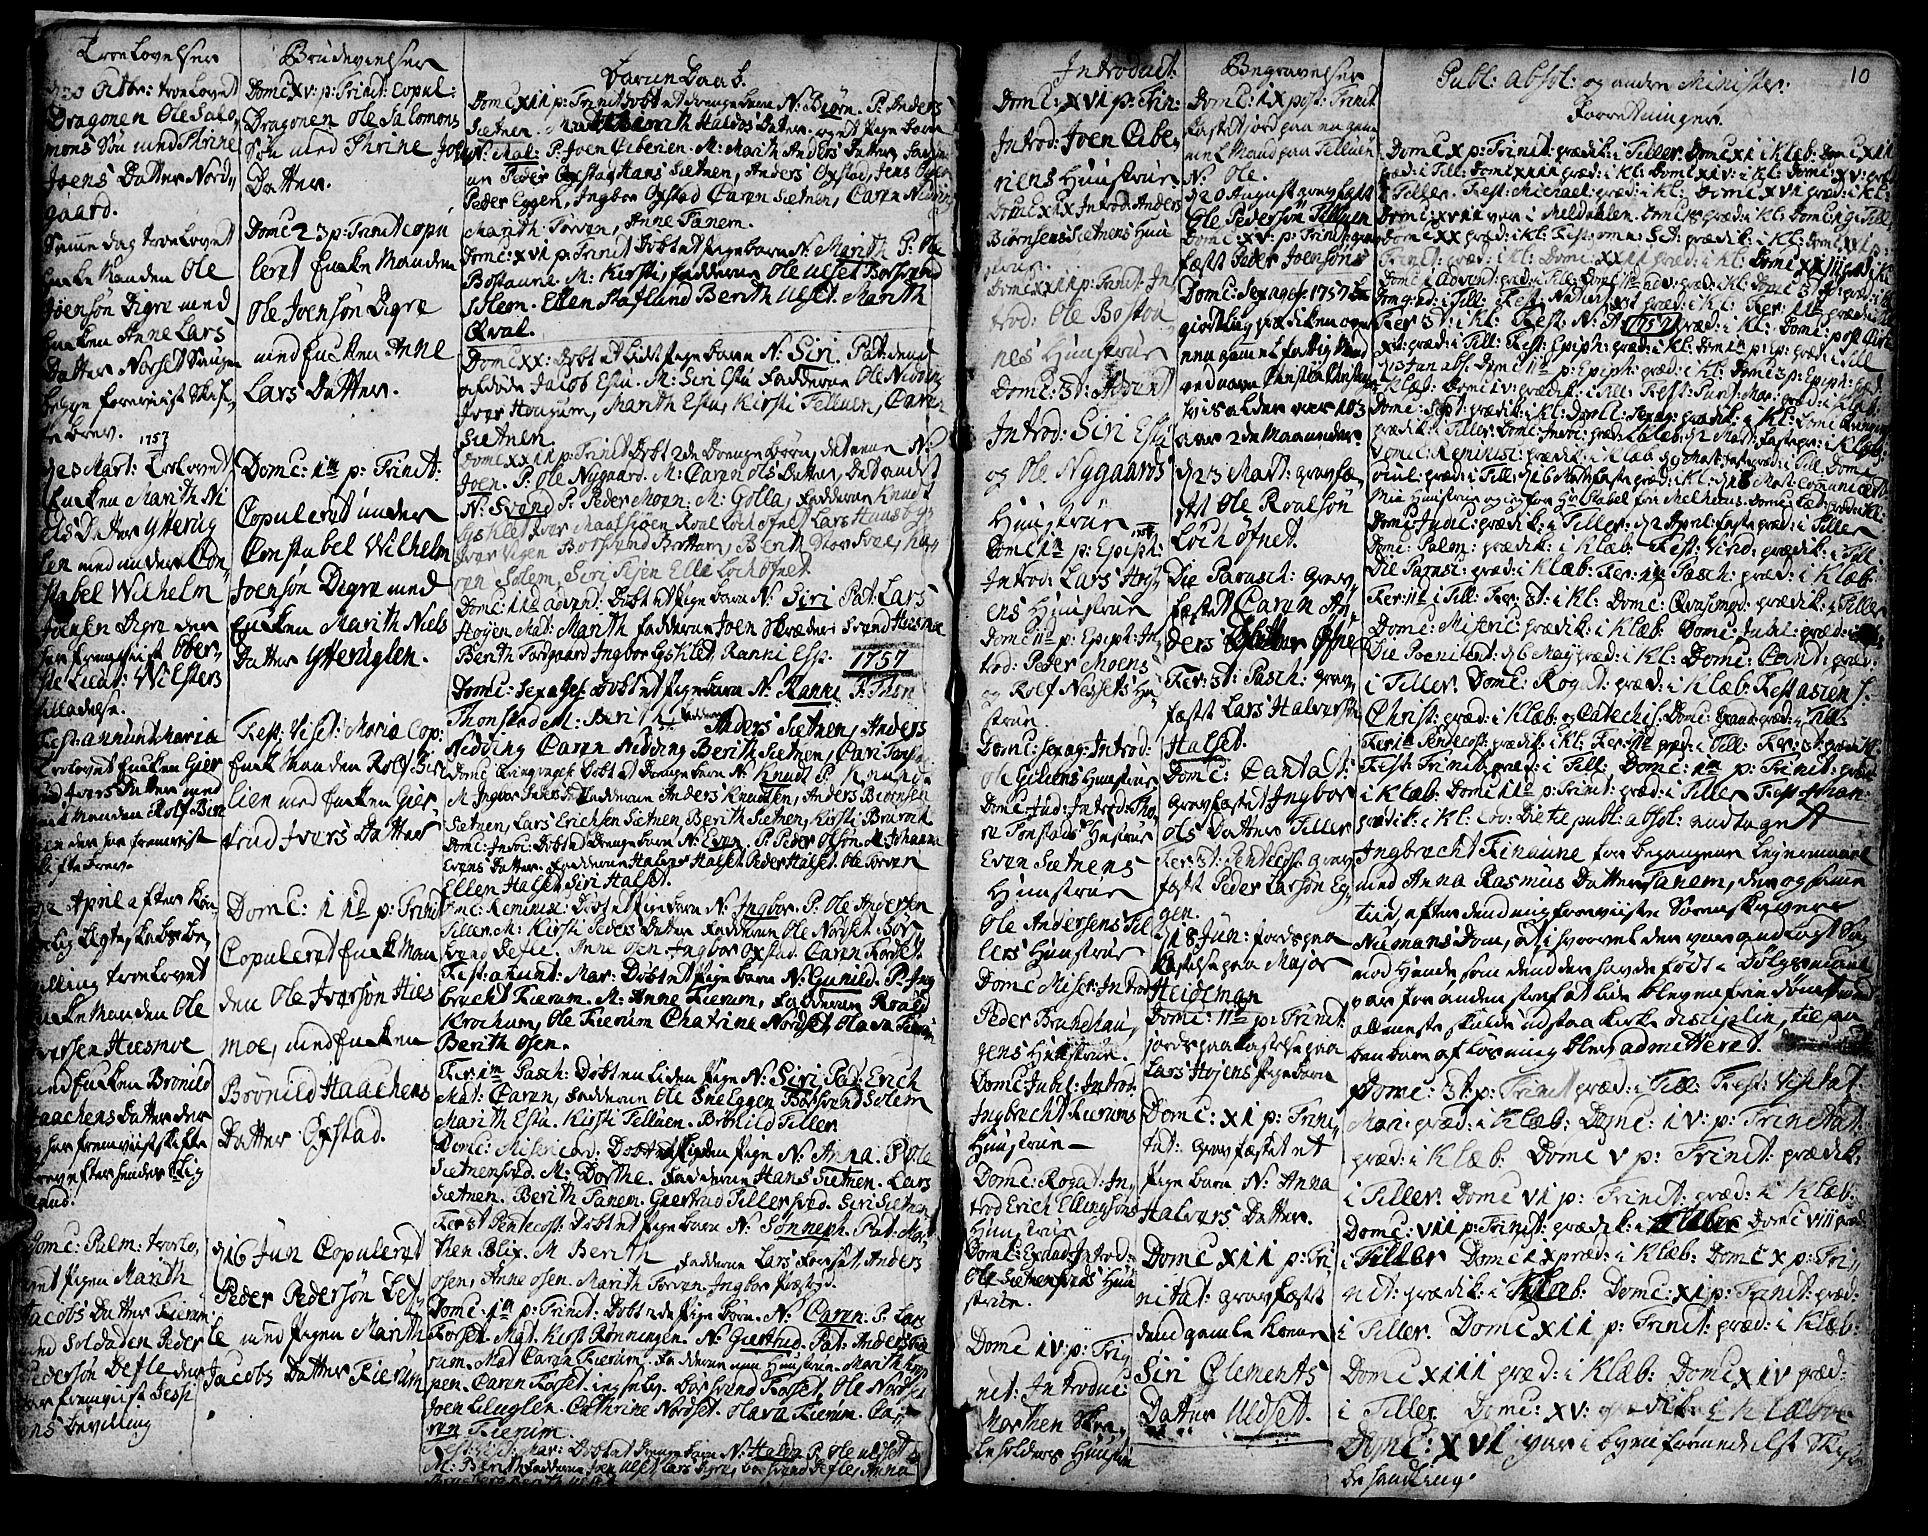 SAT, Ministerialprotokoller, klokkerbøker og fødselsregistre - Sør-Trøndelag, 618/L0437: Ministerialbok nr. 618A02, 1749-1782, s. 10